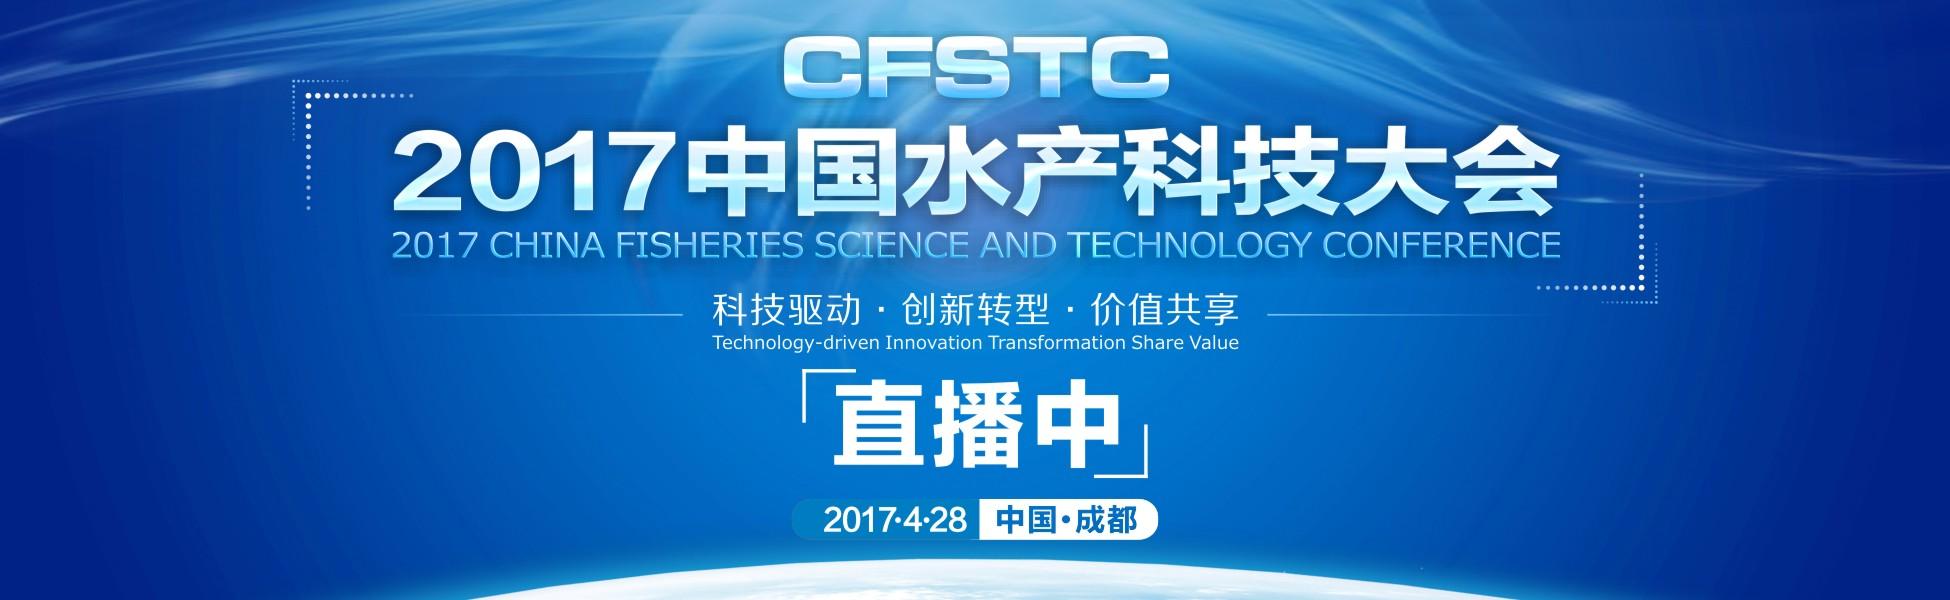 2017中国水产科技大会即将在蓉盛大启幕